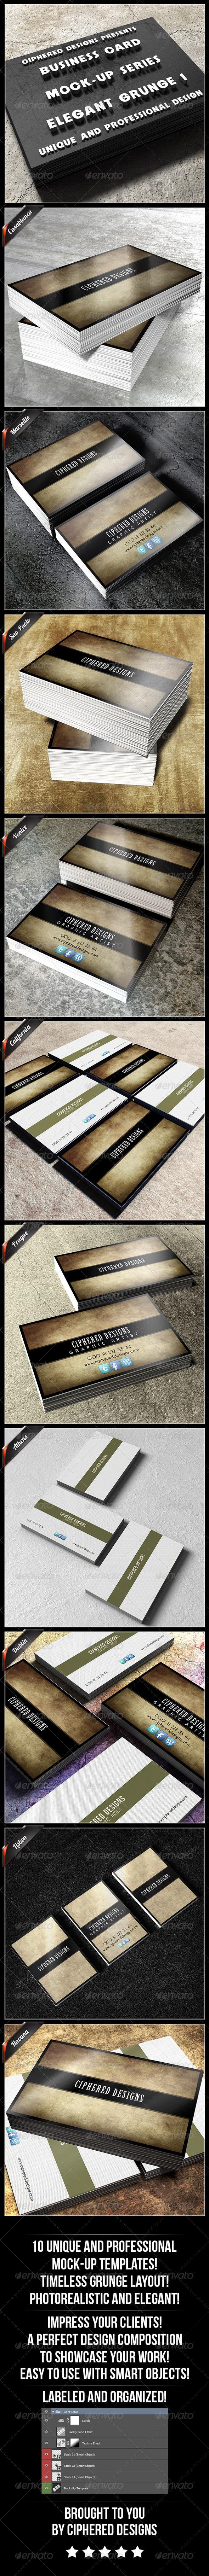 GraphicRiver Business Card Mock-Up Series Elegant Grunge 1 6029375